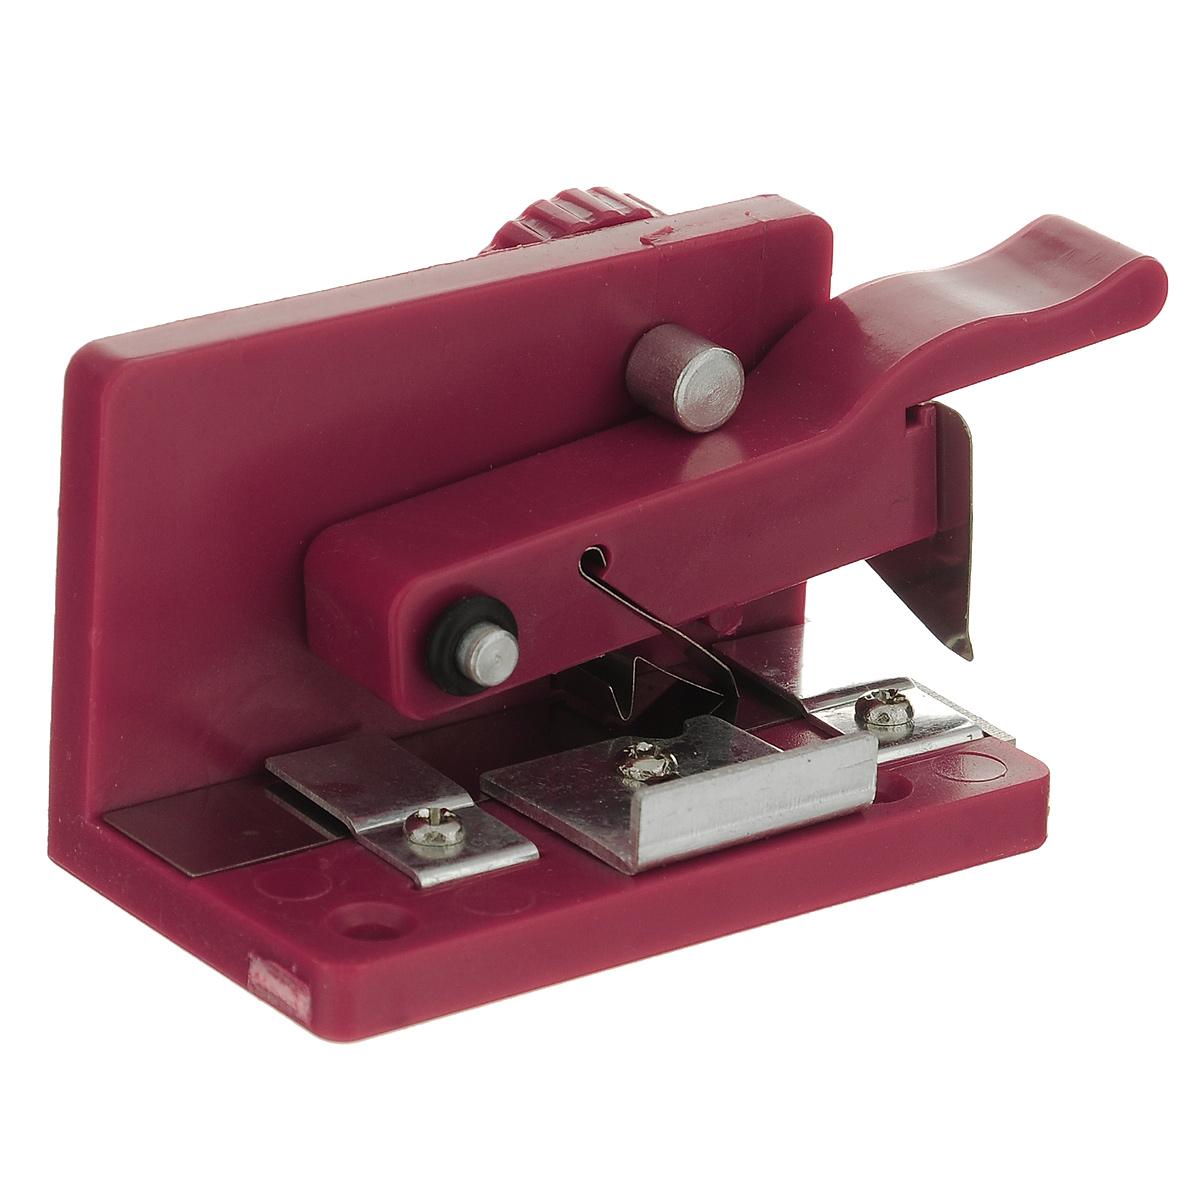 Машинка для нарезания бахромы ScrapBerrysSCB20026221При создании бахромчатых цветов вам предстоит сделать много надрезов на узких полосках. Это можно сделать с помощью машинки для нарезания бахромы ScrapBerrys. Она полезна для изготовления квиллинг бумажных цветов, открыток и других ручных поделок в области бумажного творчества.